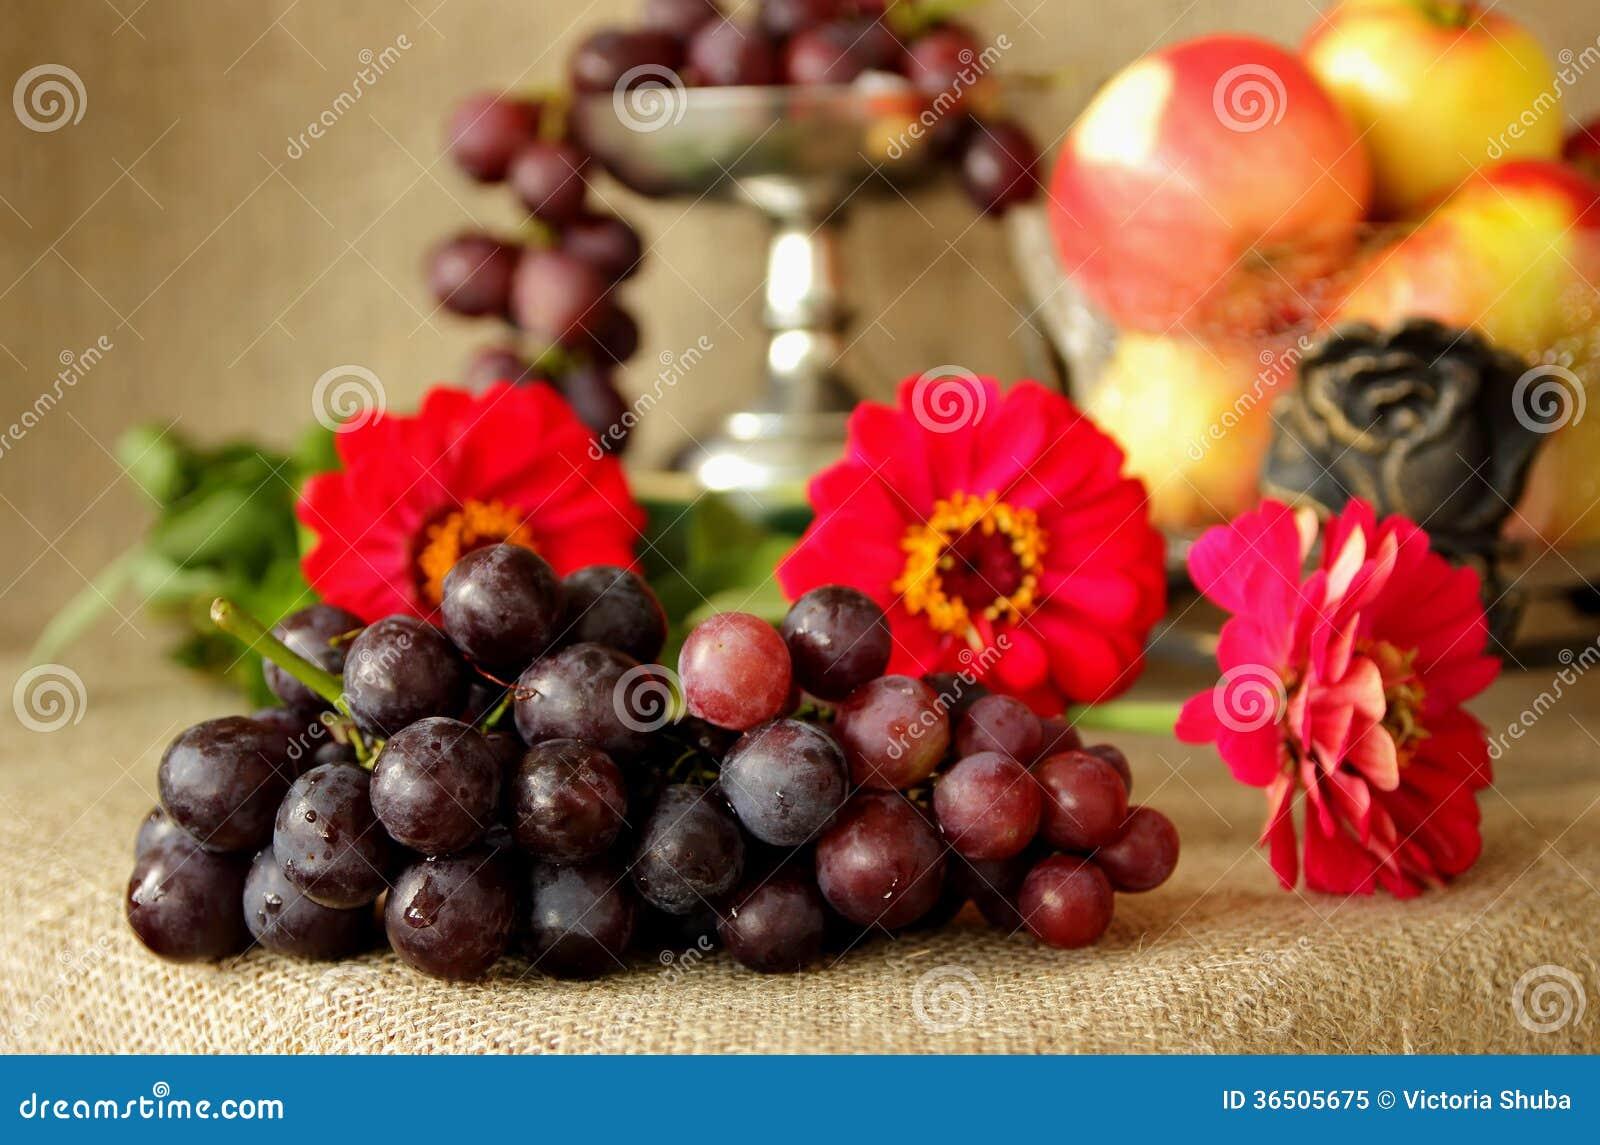 Groupe de raisins mûrs sur un fond de couleurs lumineuses et des vases avec des pommes